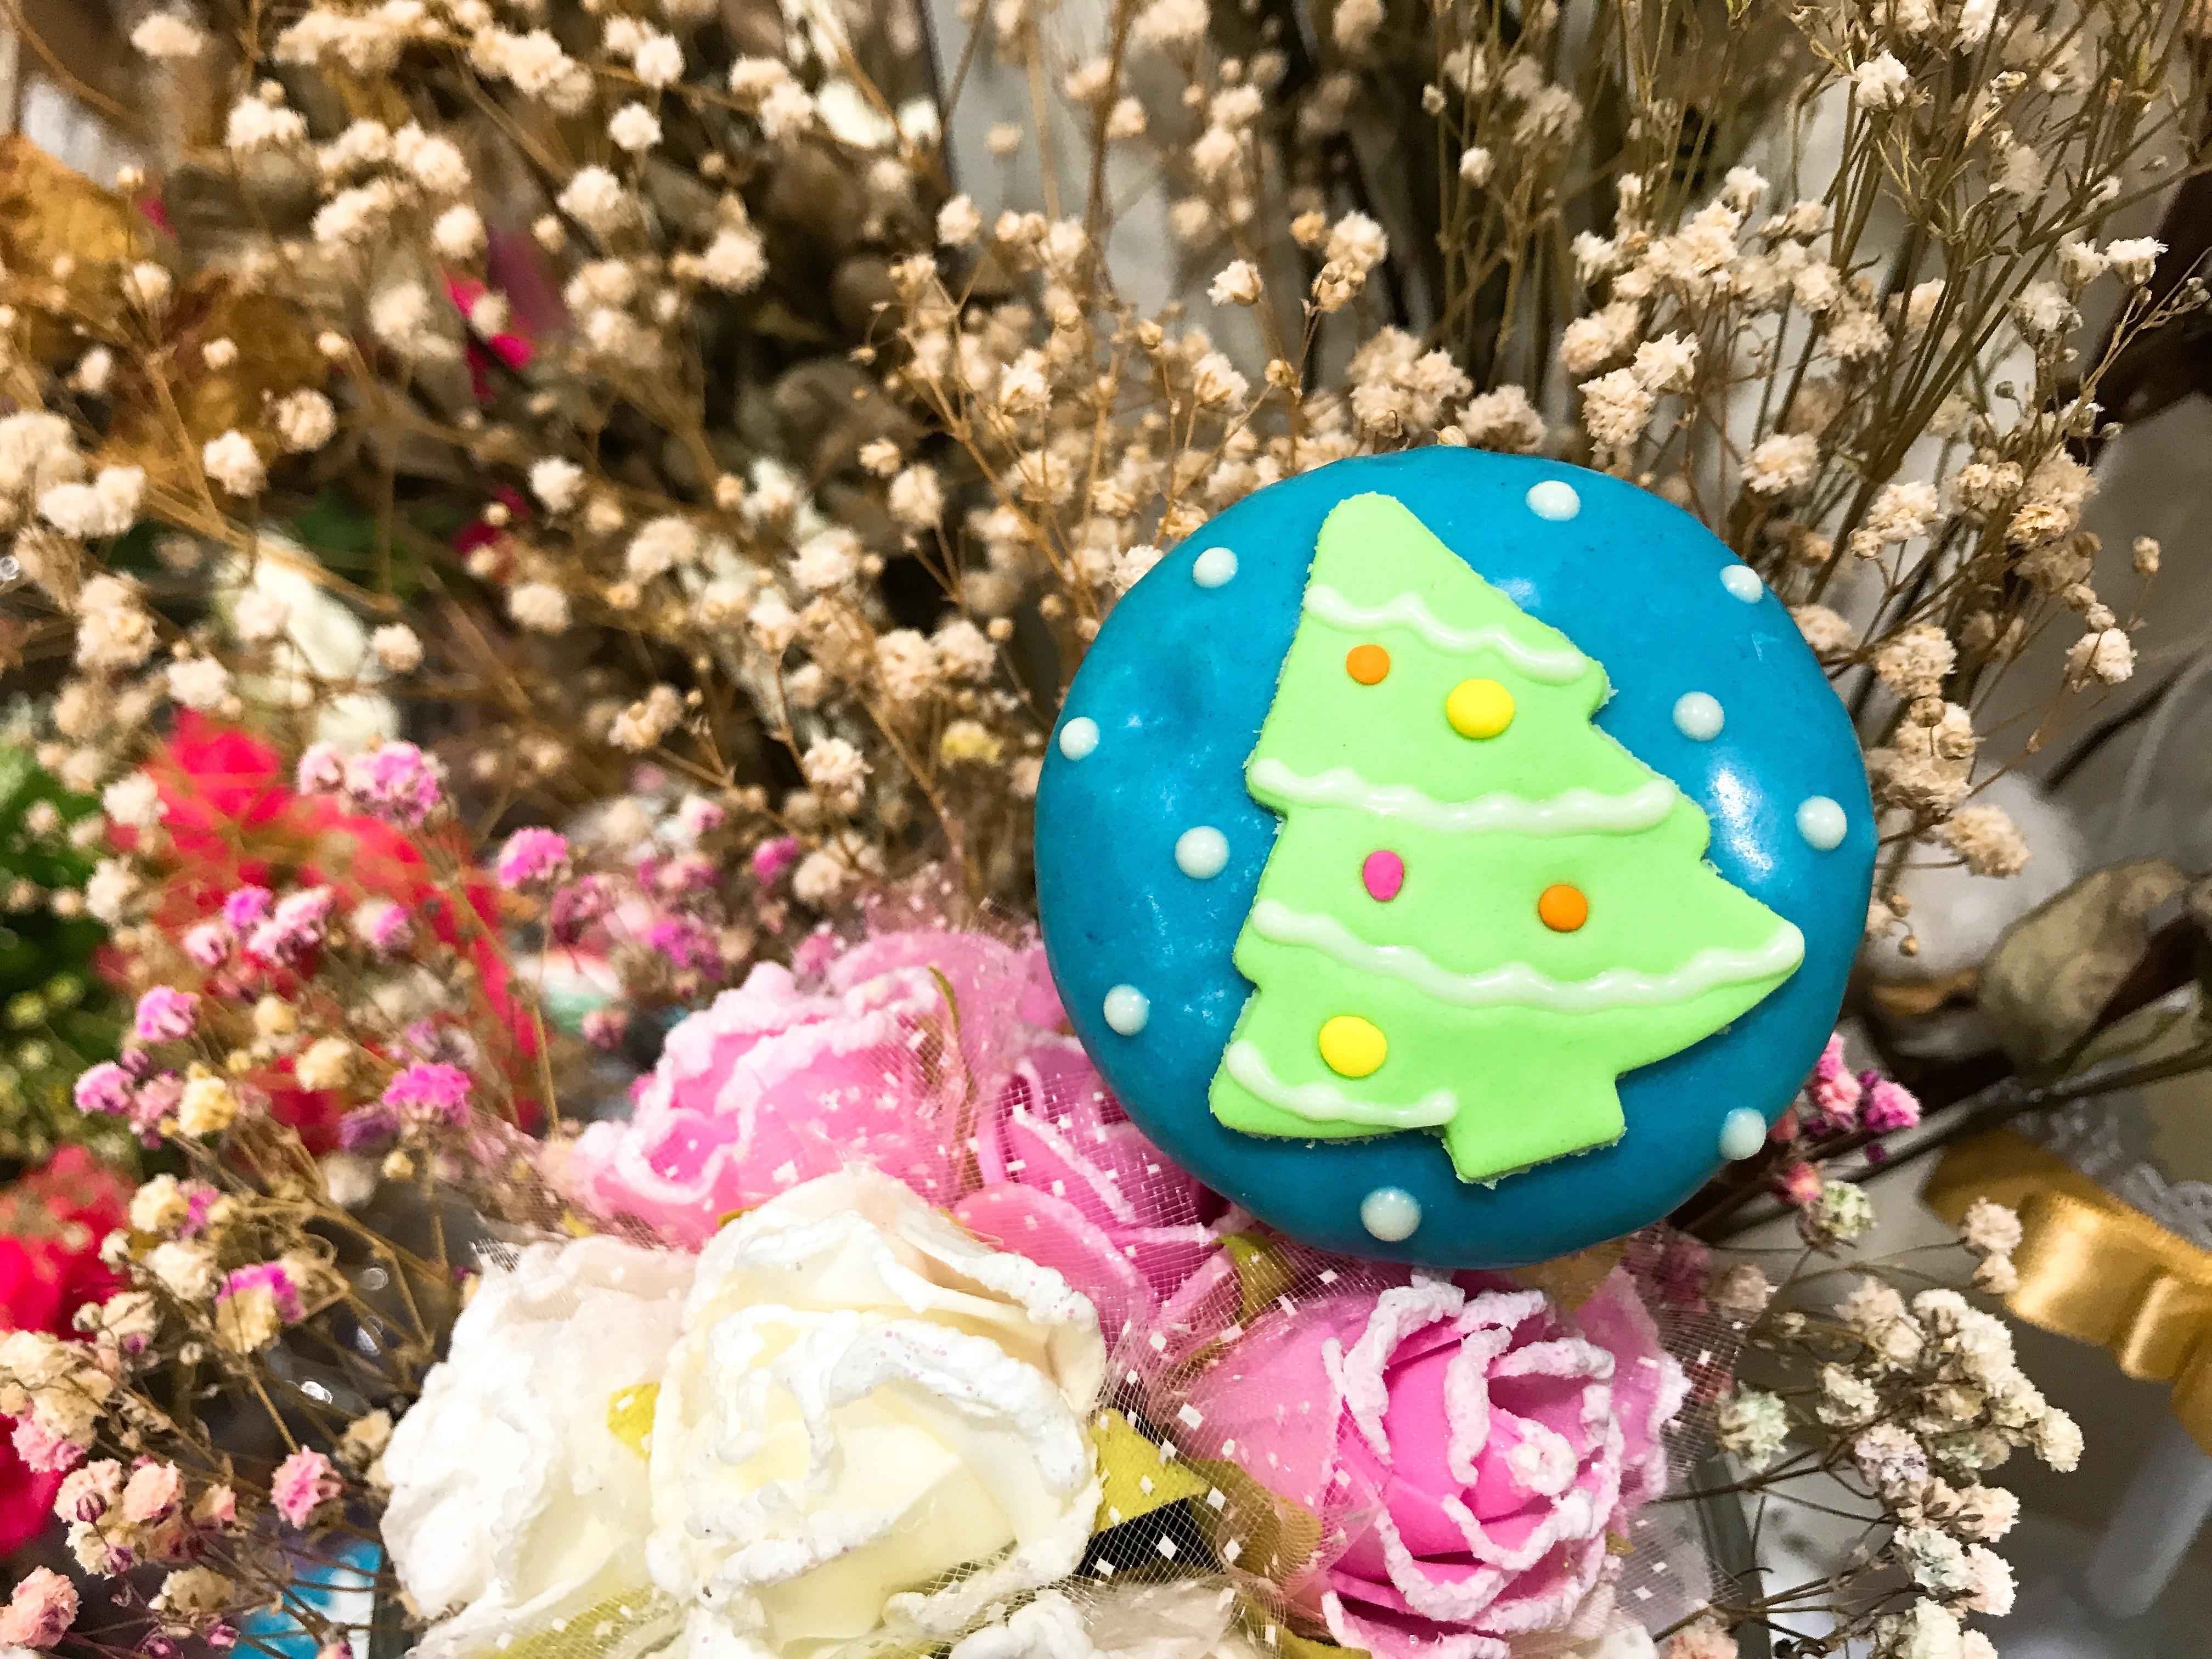 聖誕節 造型迷你杯子蛋糕~~綠色聖誕樹 10入